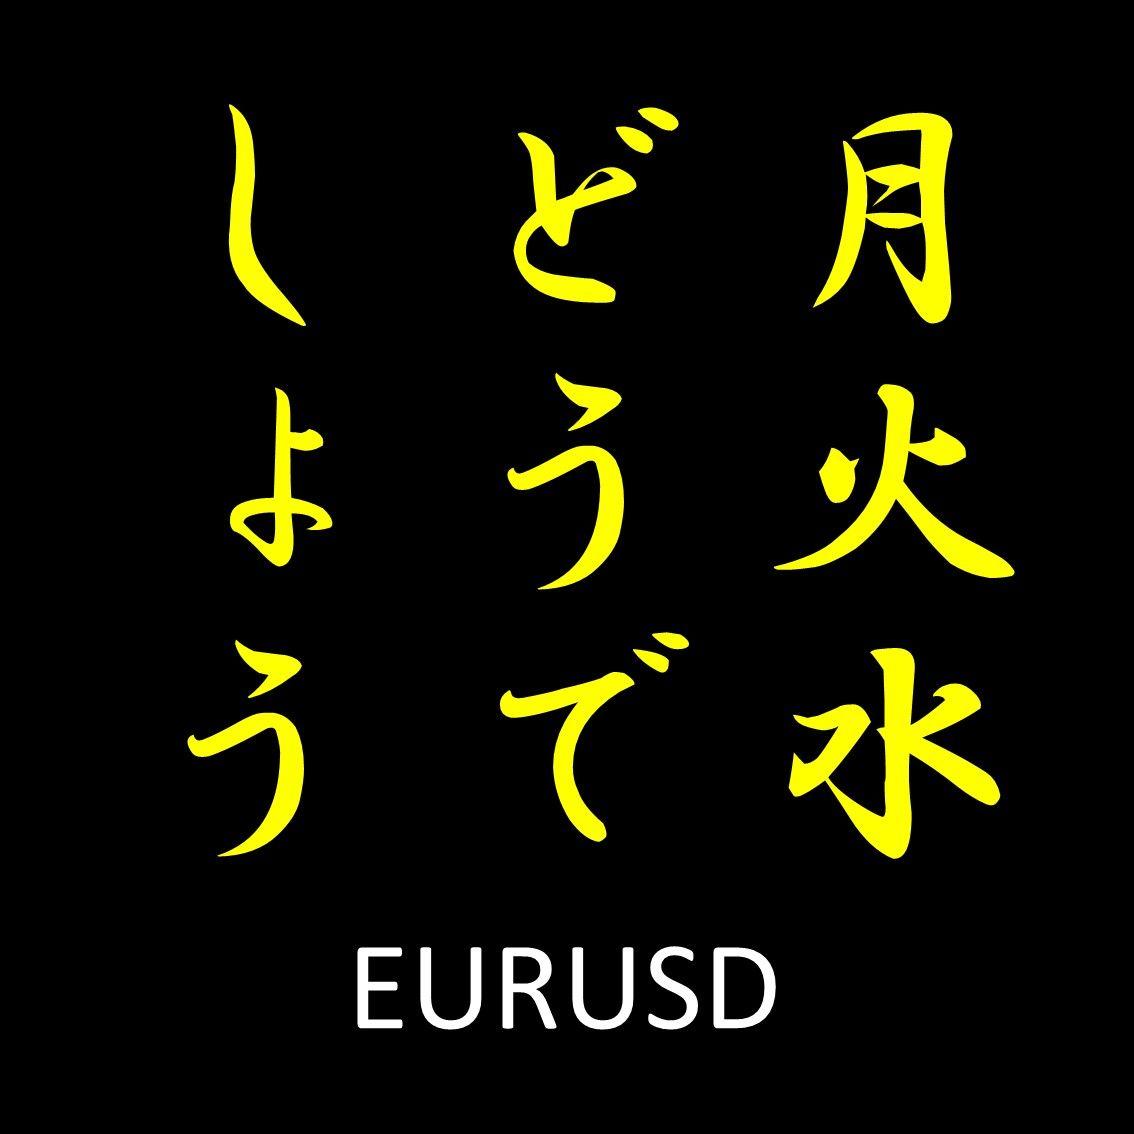 月火水どうでしょう ~EURUSD~ ナンピン無し ワンショットで高勝率デイトレ